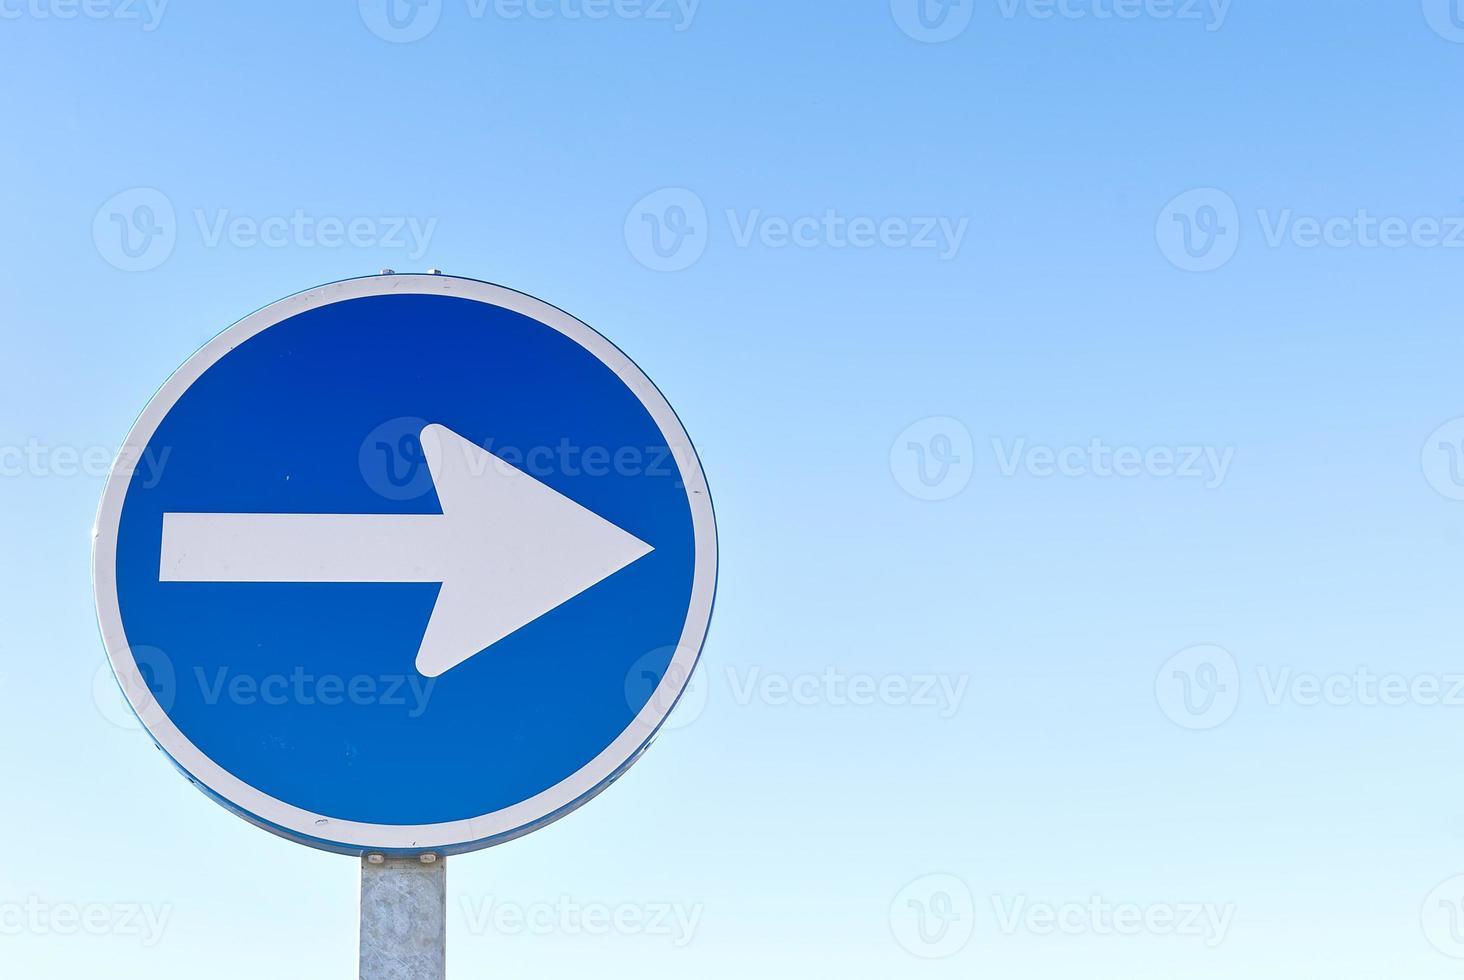 rechts abbiegen Verkehrszeichen mit Kopierplatz foto